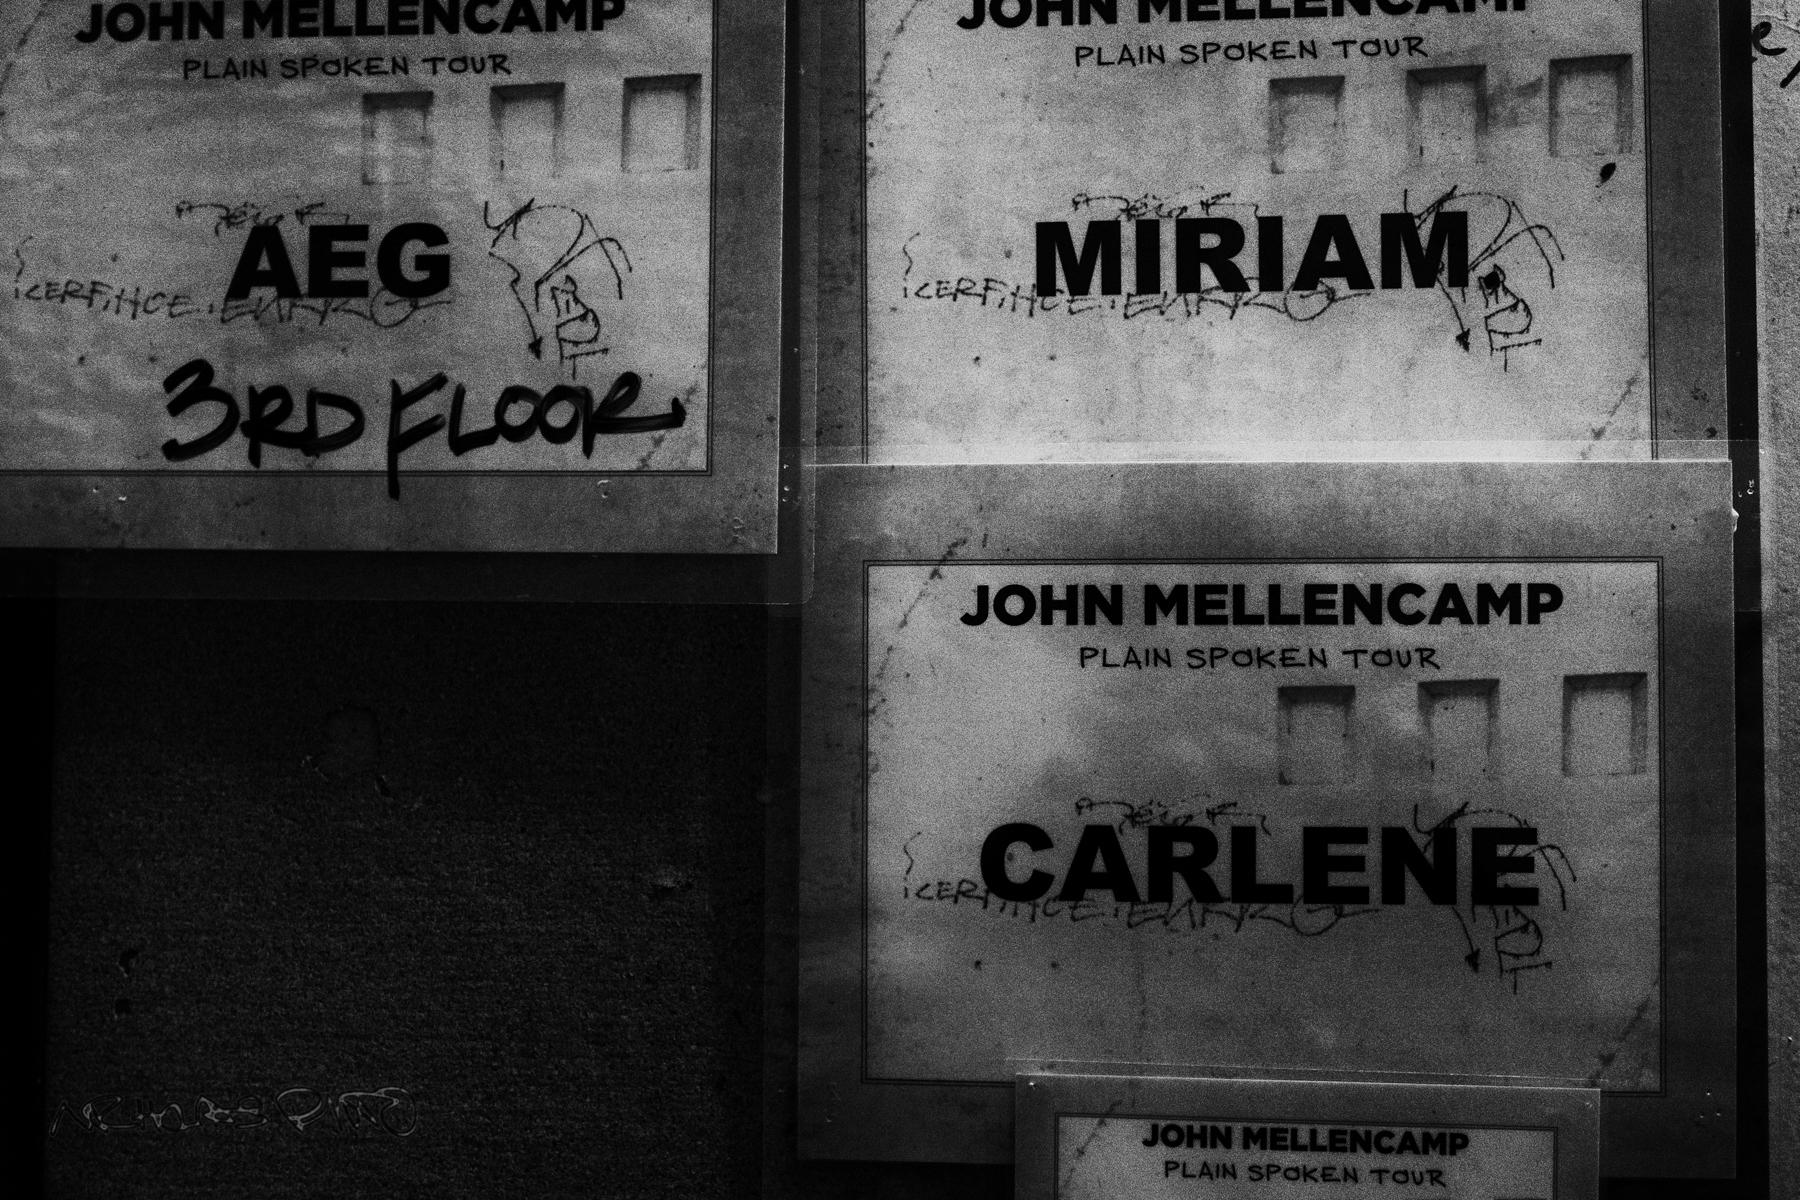 Signage backstage.